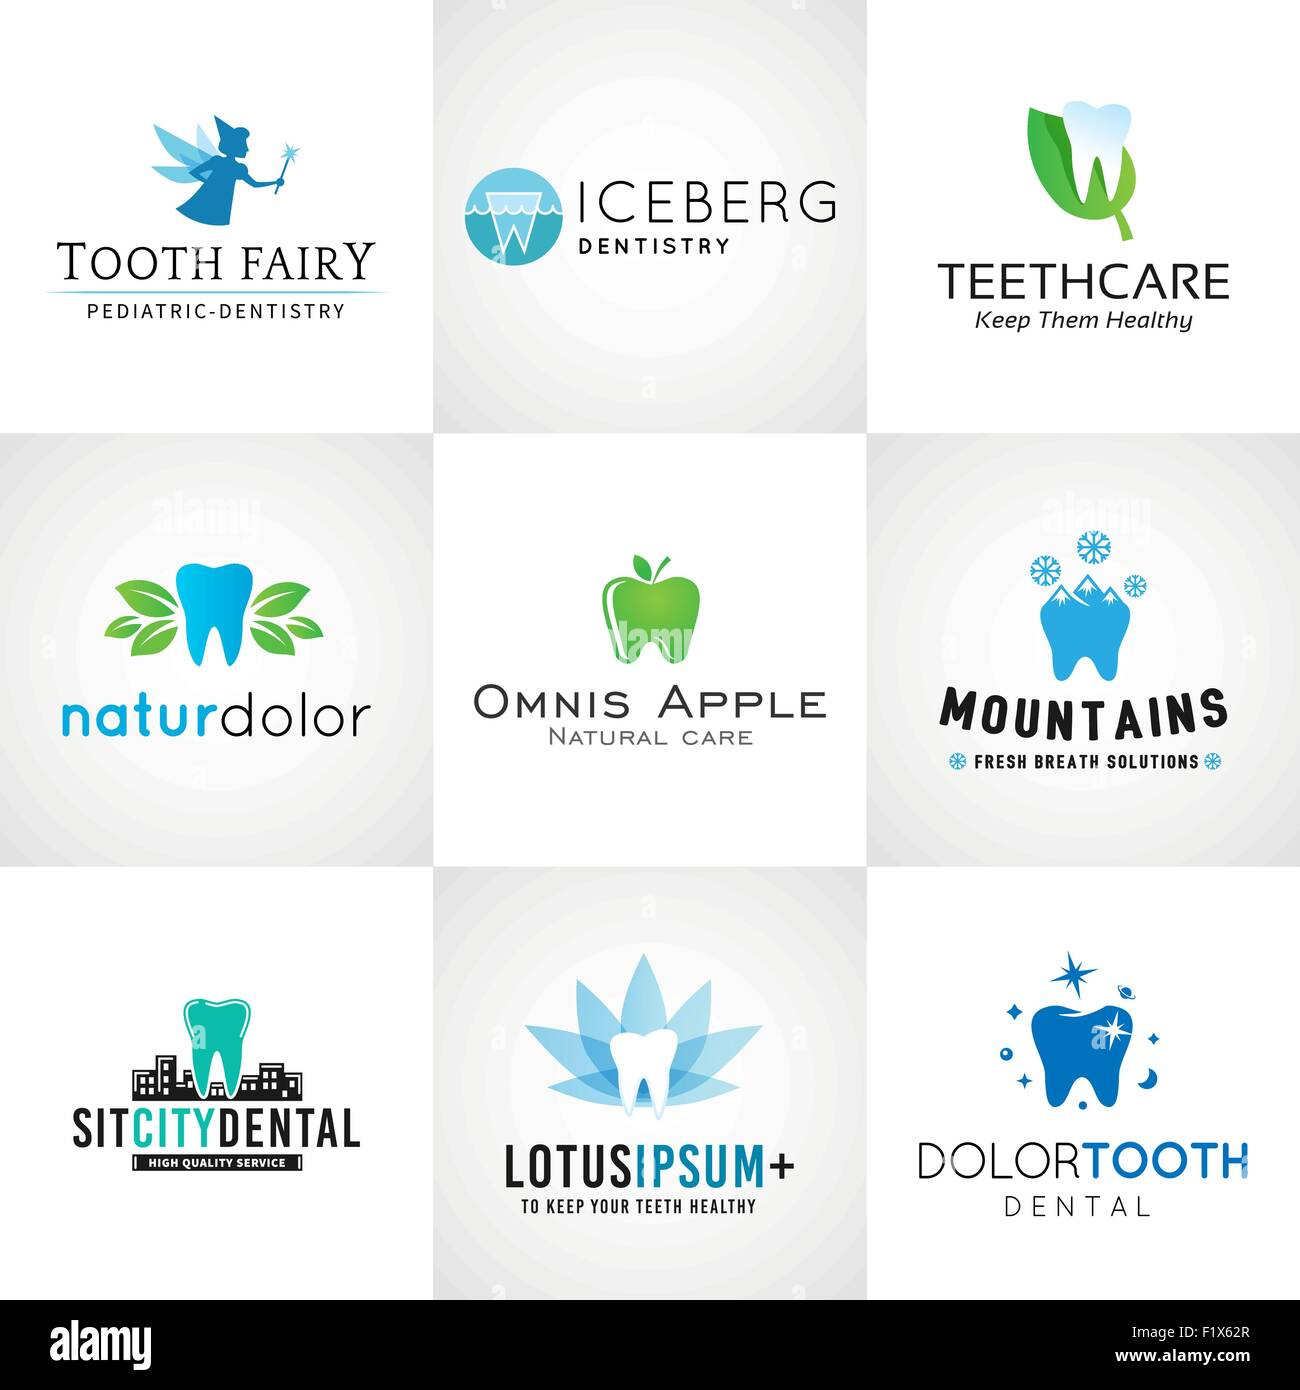 dental logos images